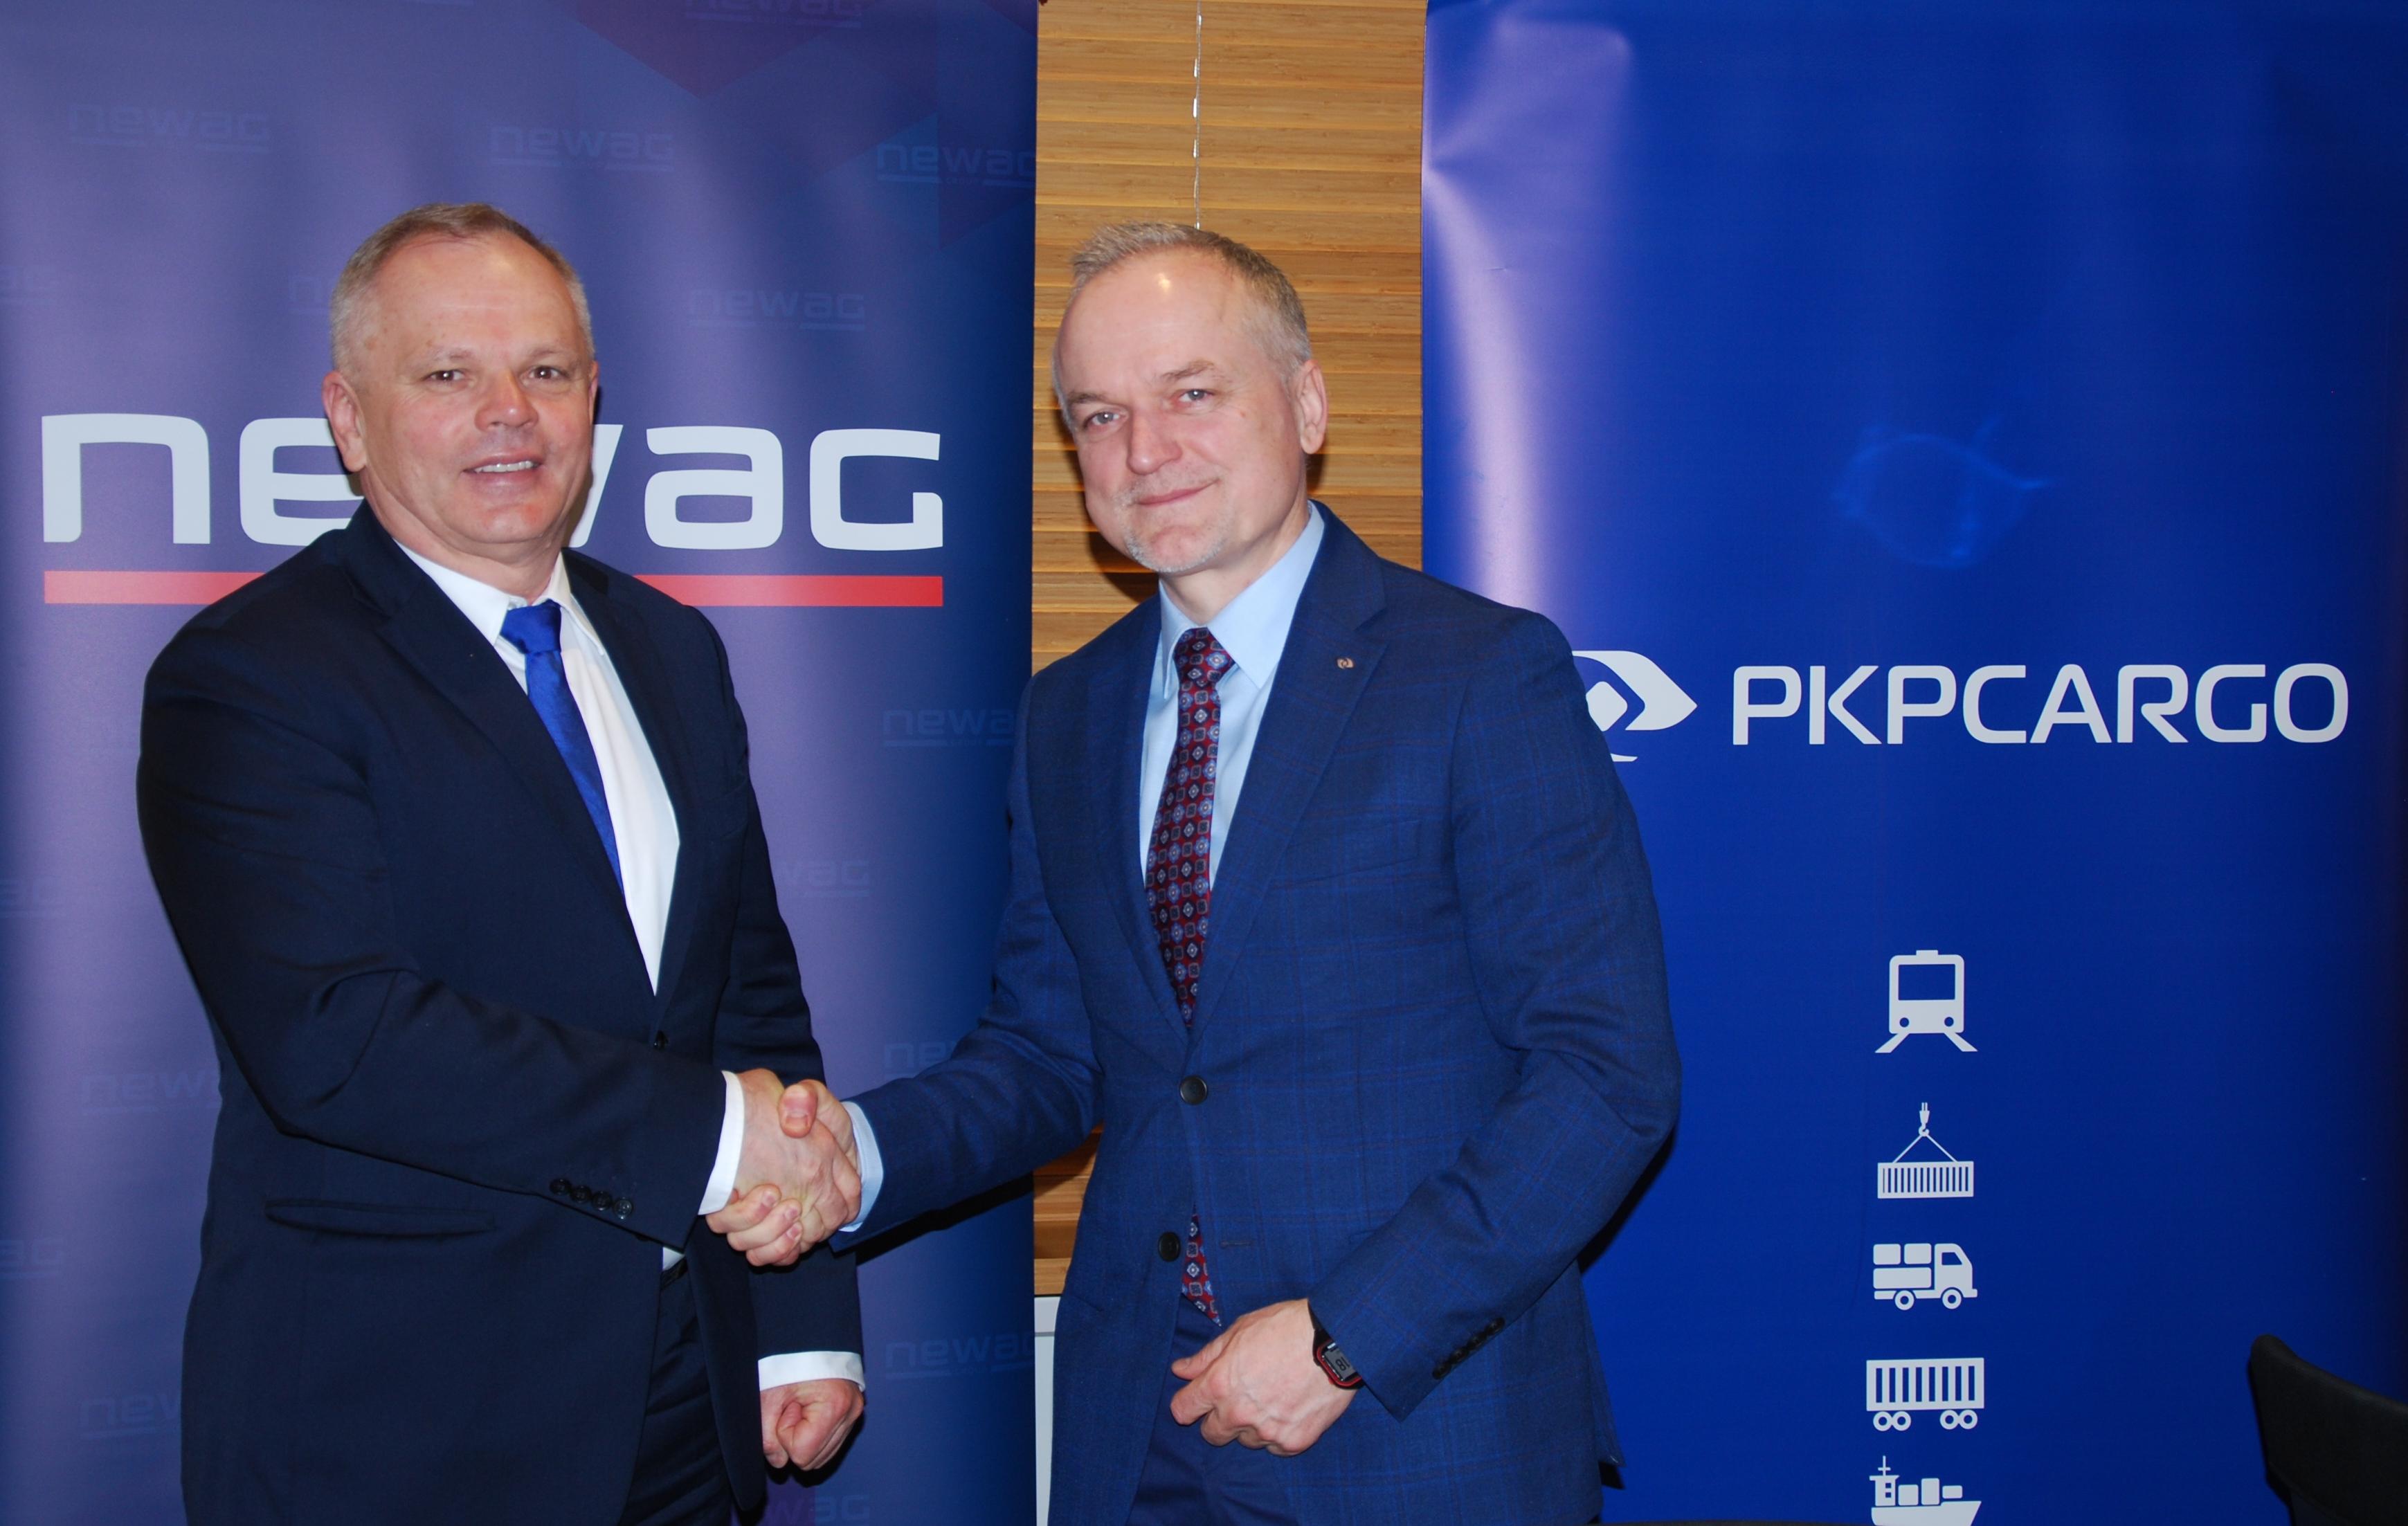 NaKolei.pl - Newag do maja 2021 roku zmodernizuje 60 lokomotyw spalinowych dla PKP CARGO